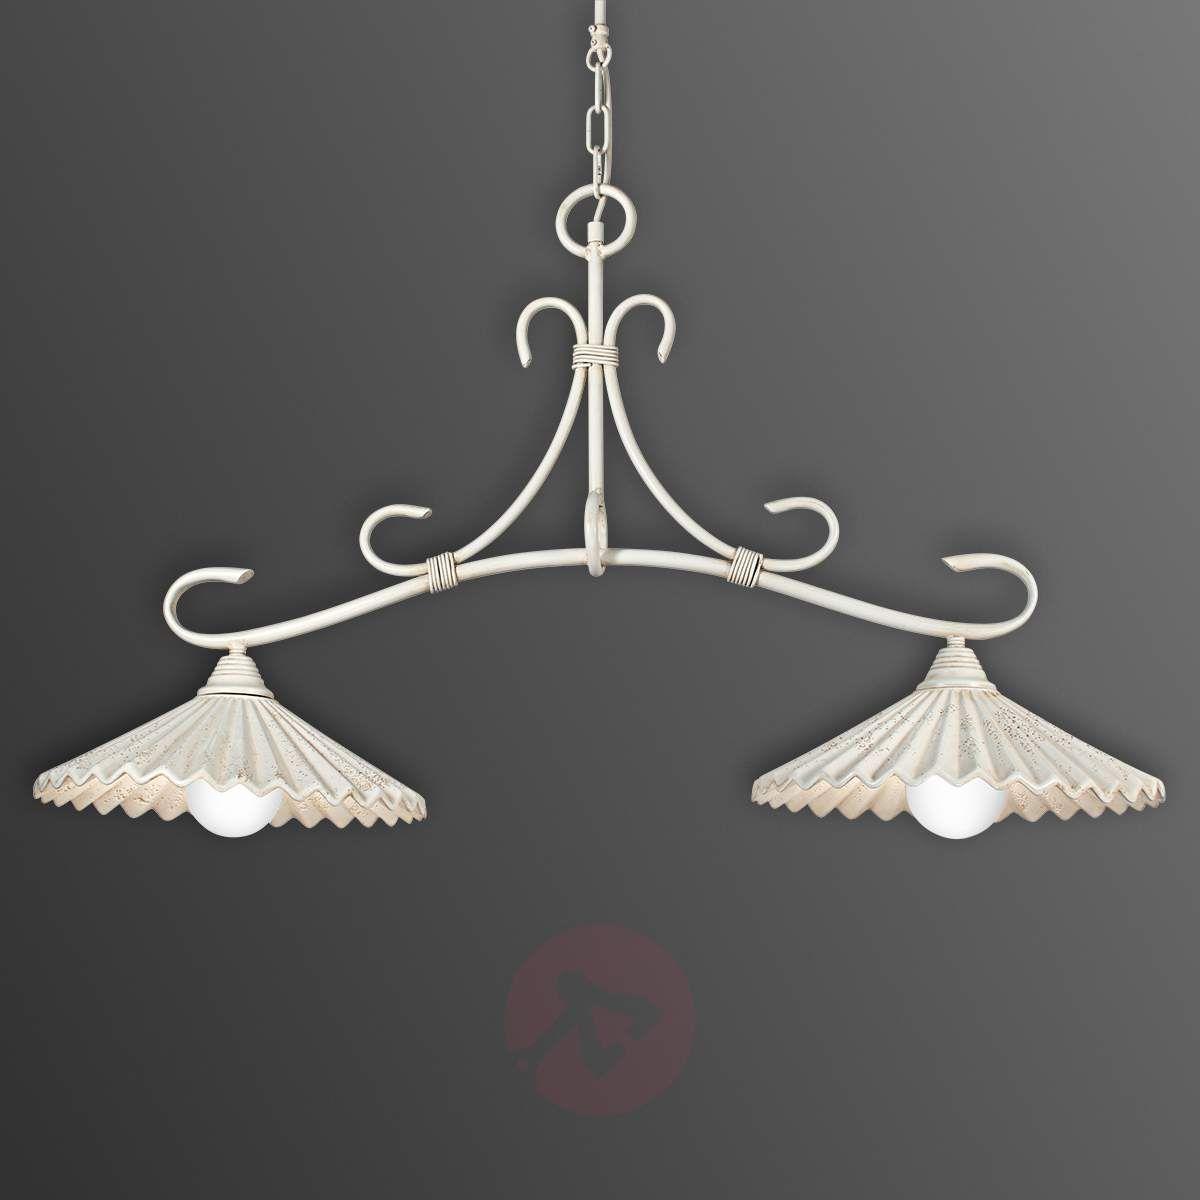 Lampy Wiszące Nowoczesne Do Salonu Lampy Do Przedpokoju Na